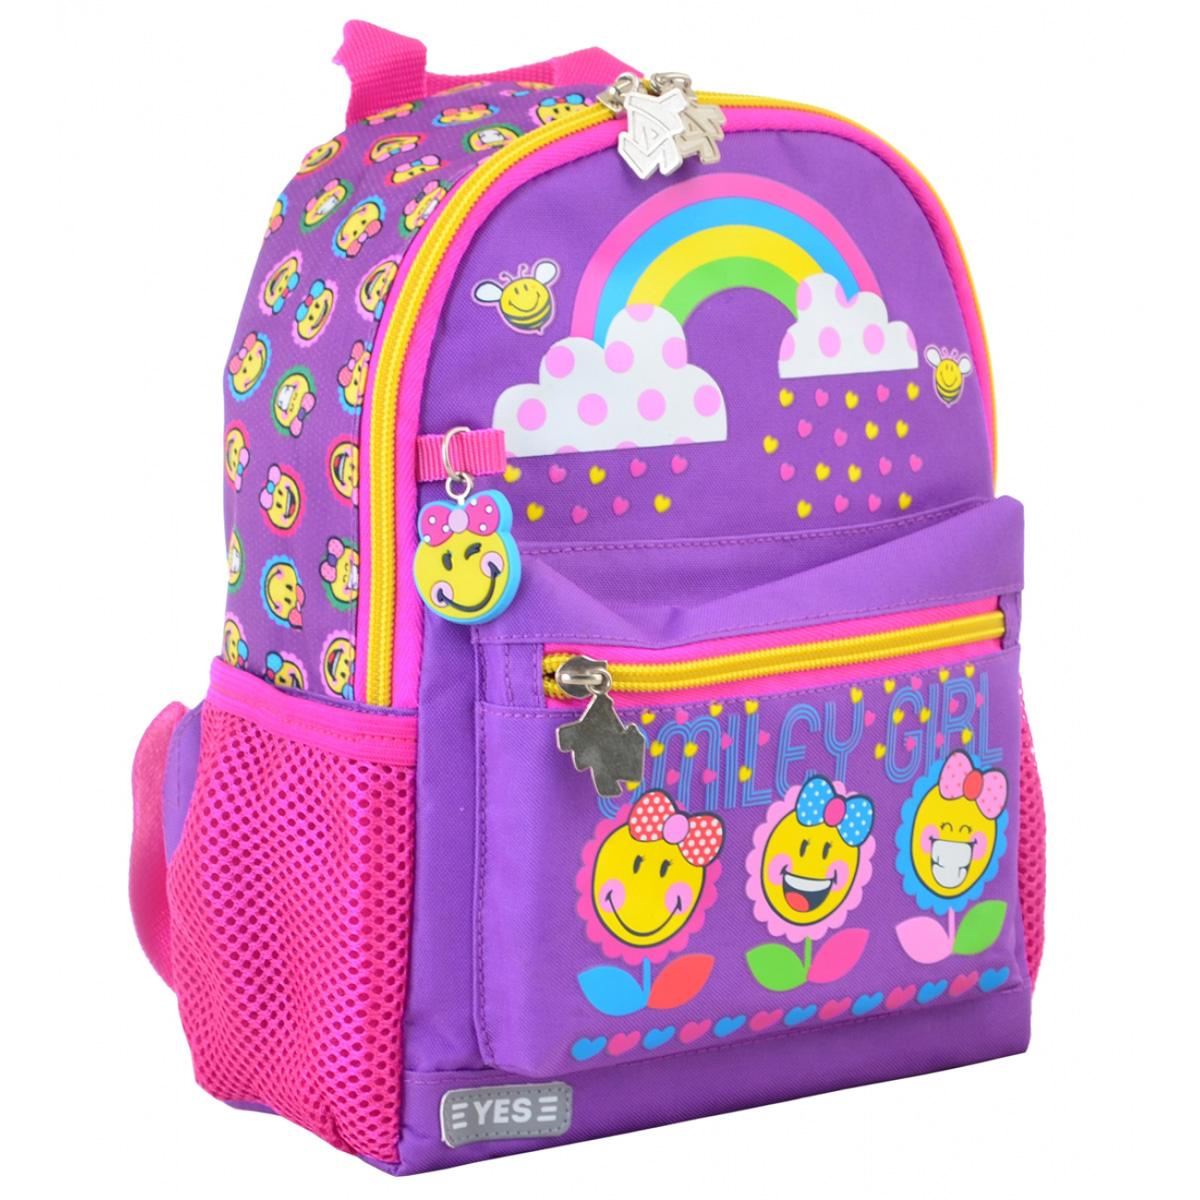 Рюкзак детский K-16 Smile, 22.5*18.5*9.5